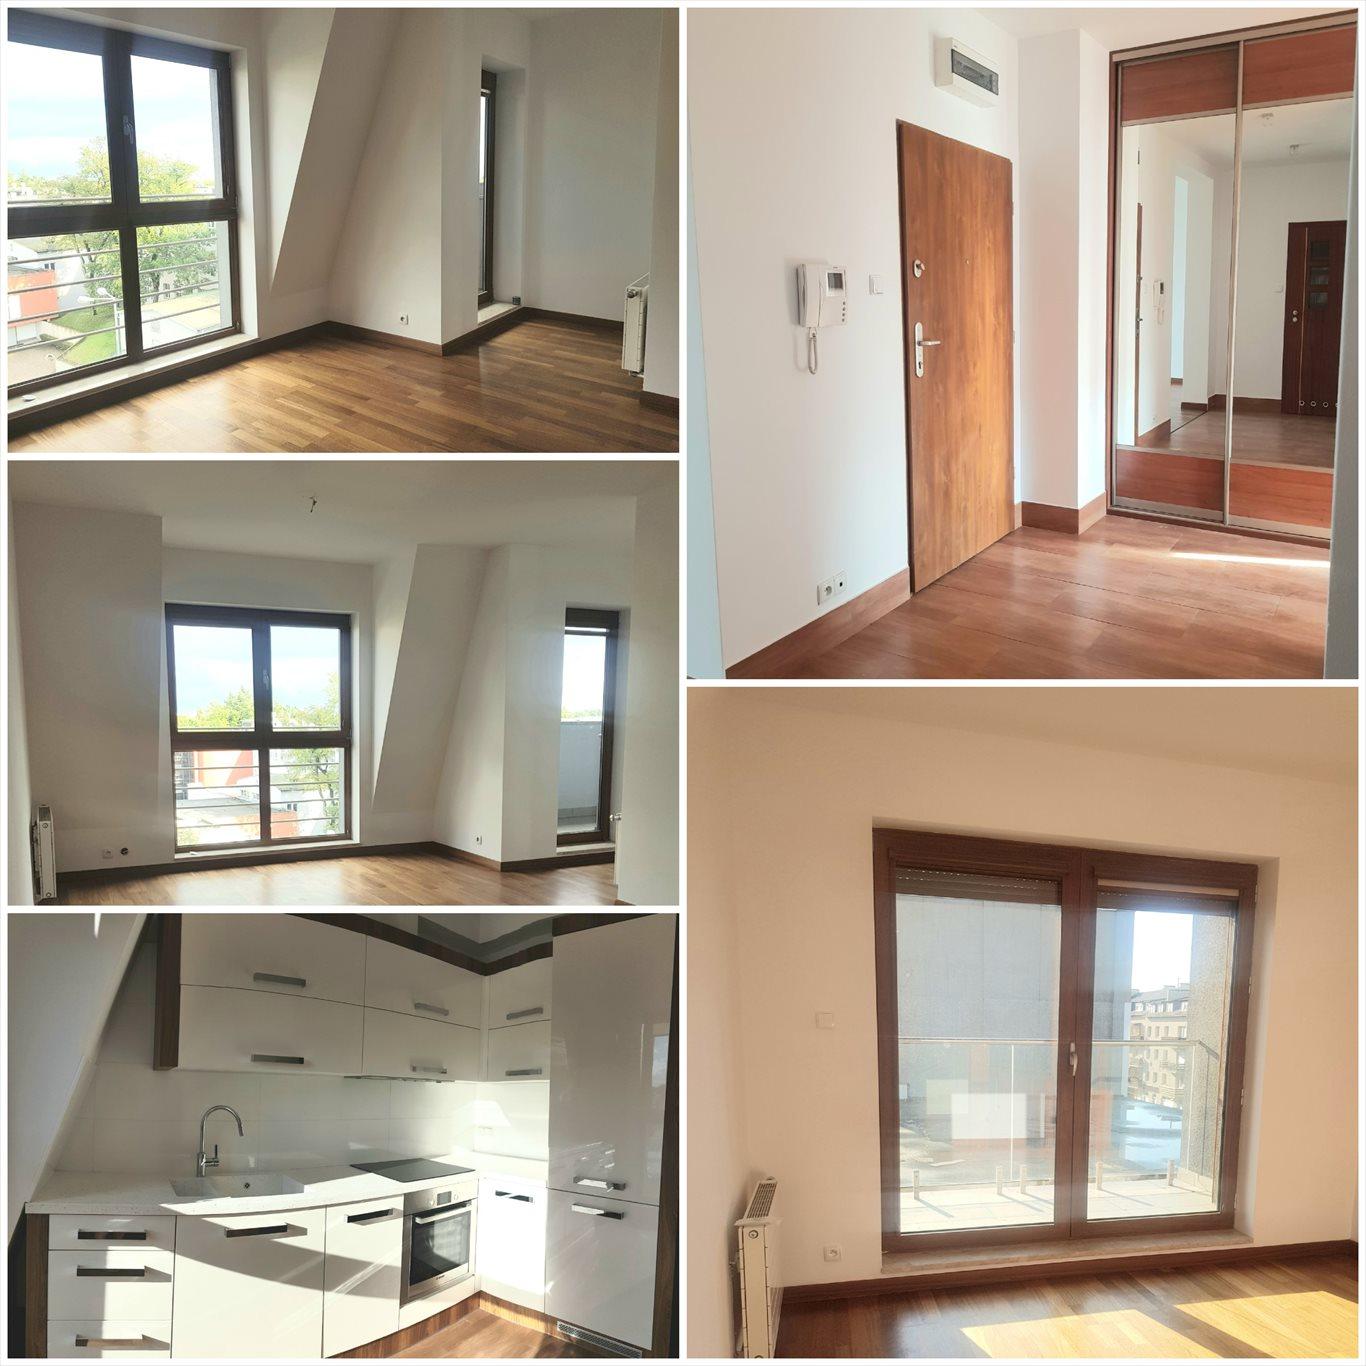 Mieszkanie trzypokojowe na sprzedaż Toruń, Przedmieście Jakubskie, Moniuszki  79m2 Foto 2